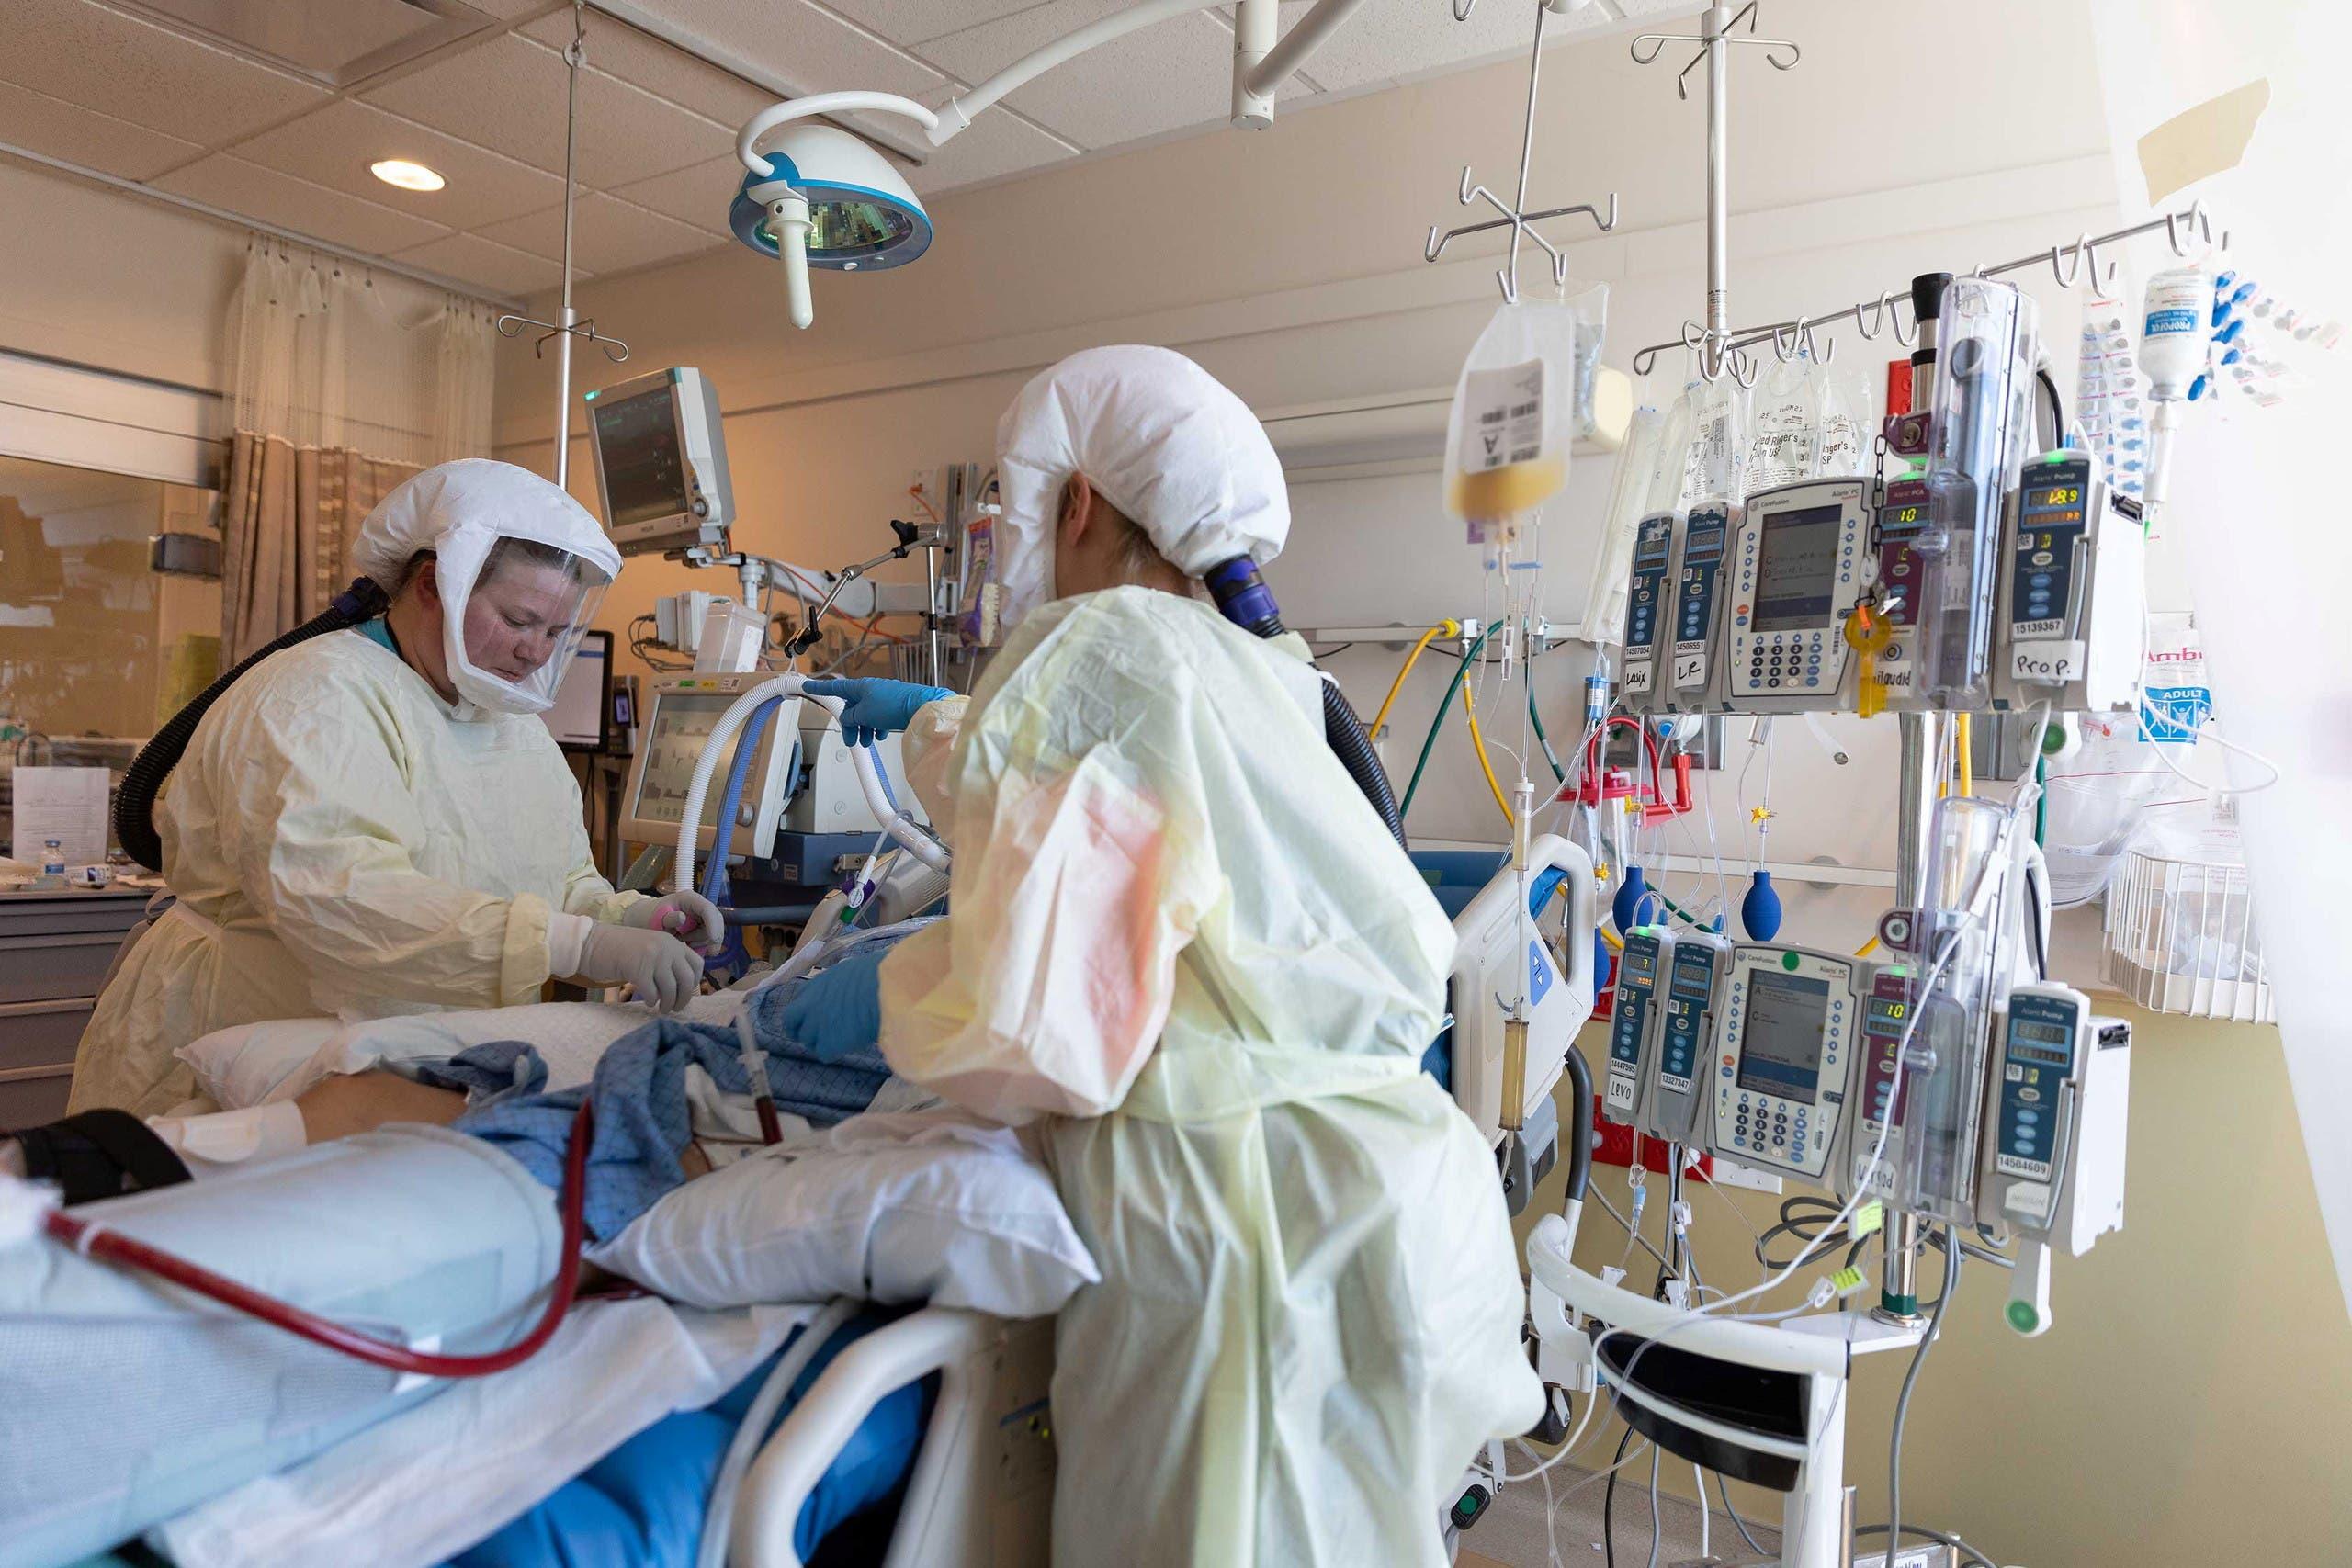 مصاب بكورونا في العناية الفائقة في أحد مستشفيات يوتا في الولايات المتحدة